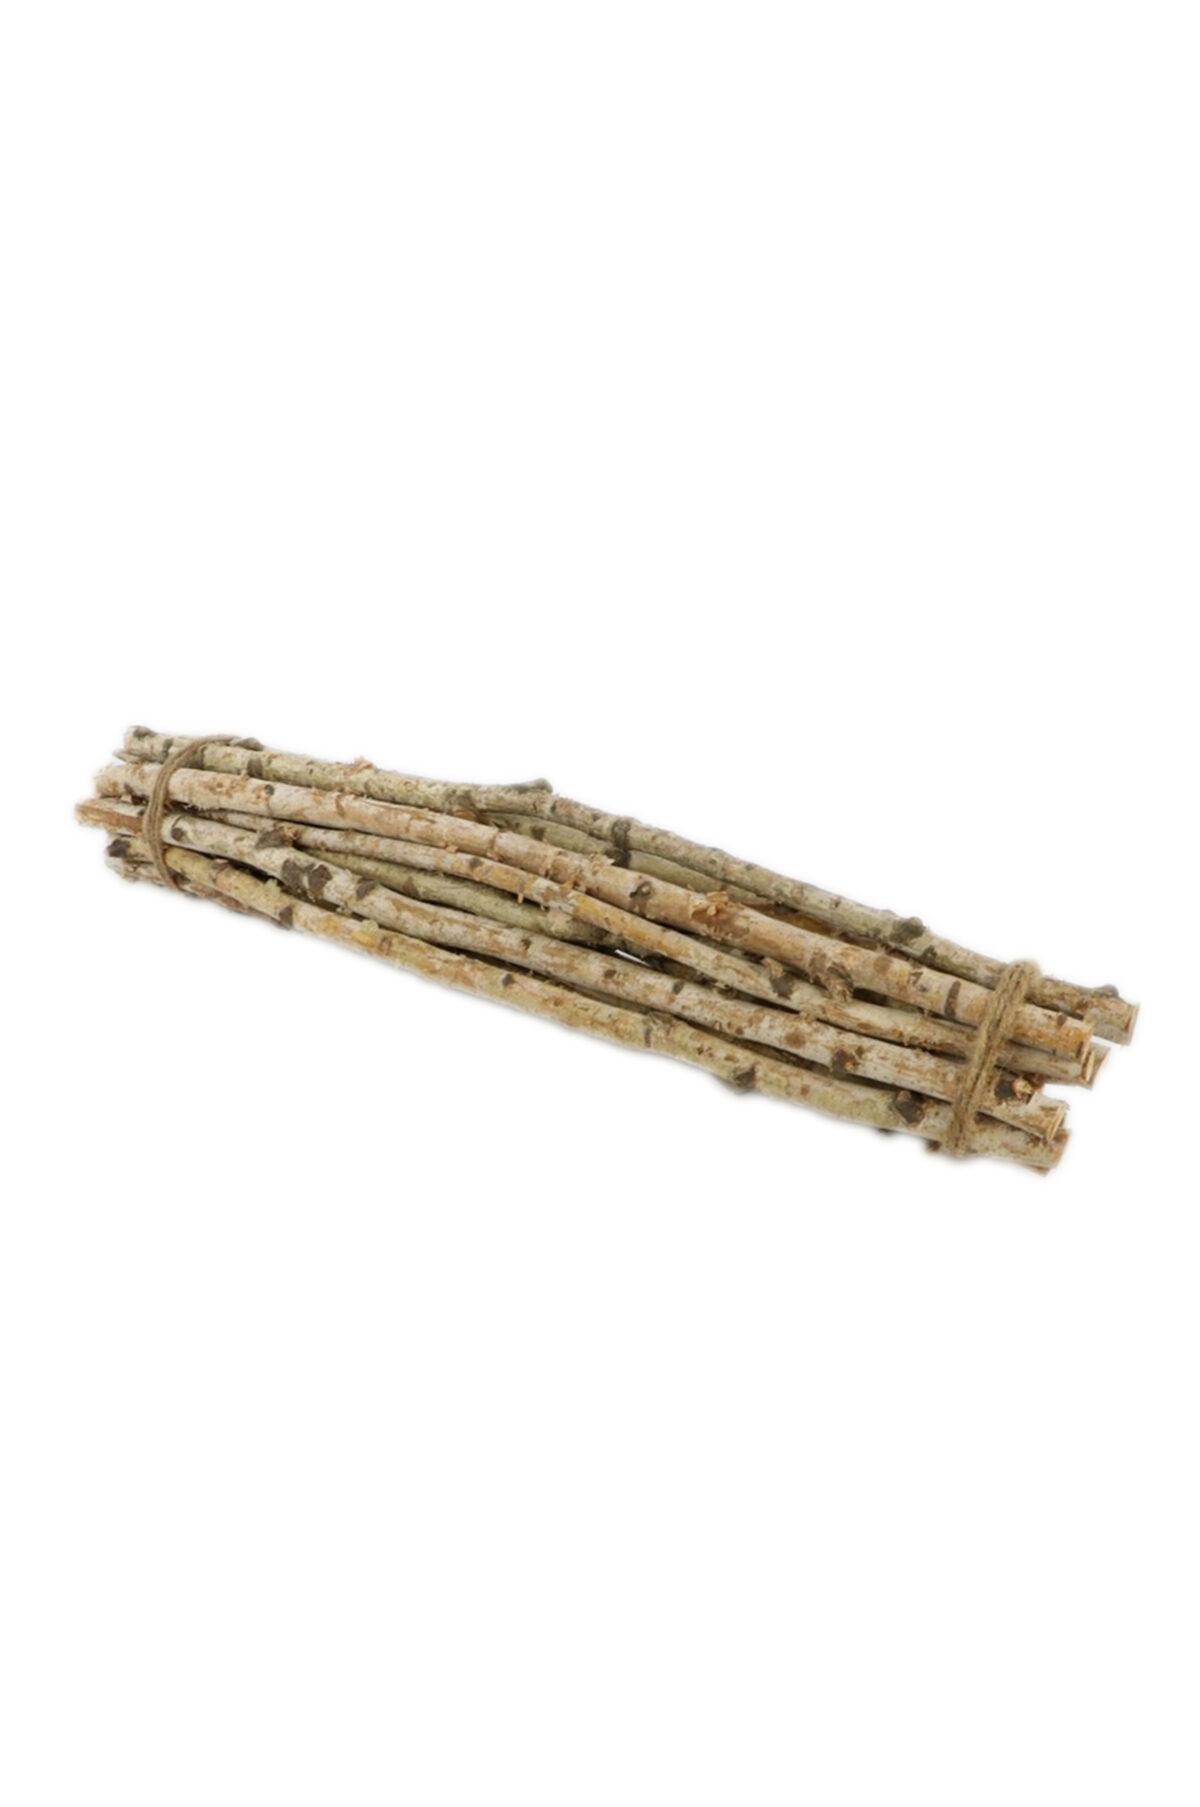 Fascio di 15 pz di legno di betulla naturale l. 40 cm